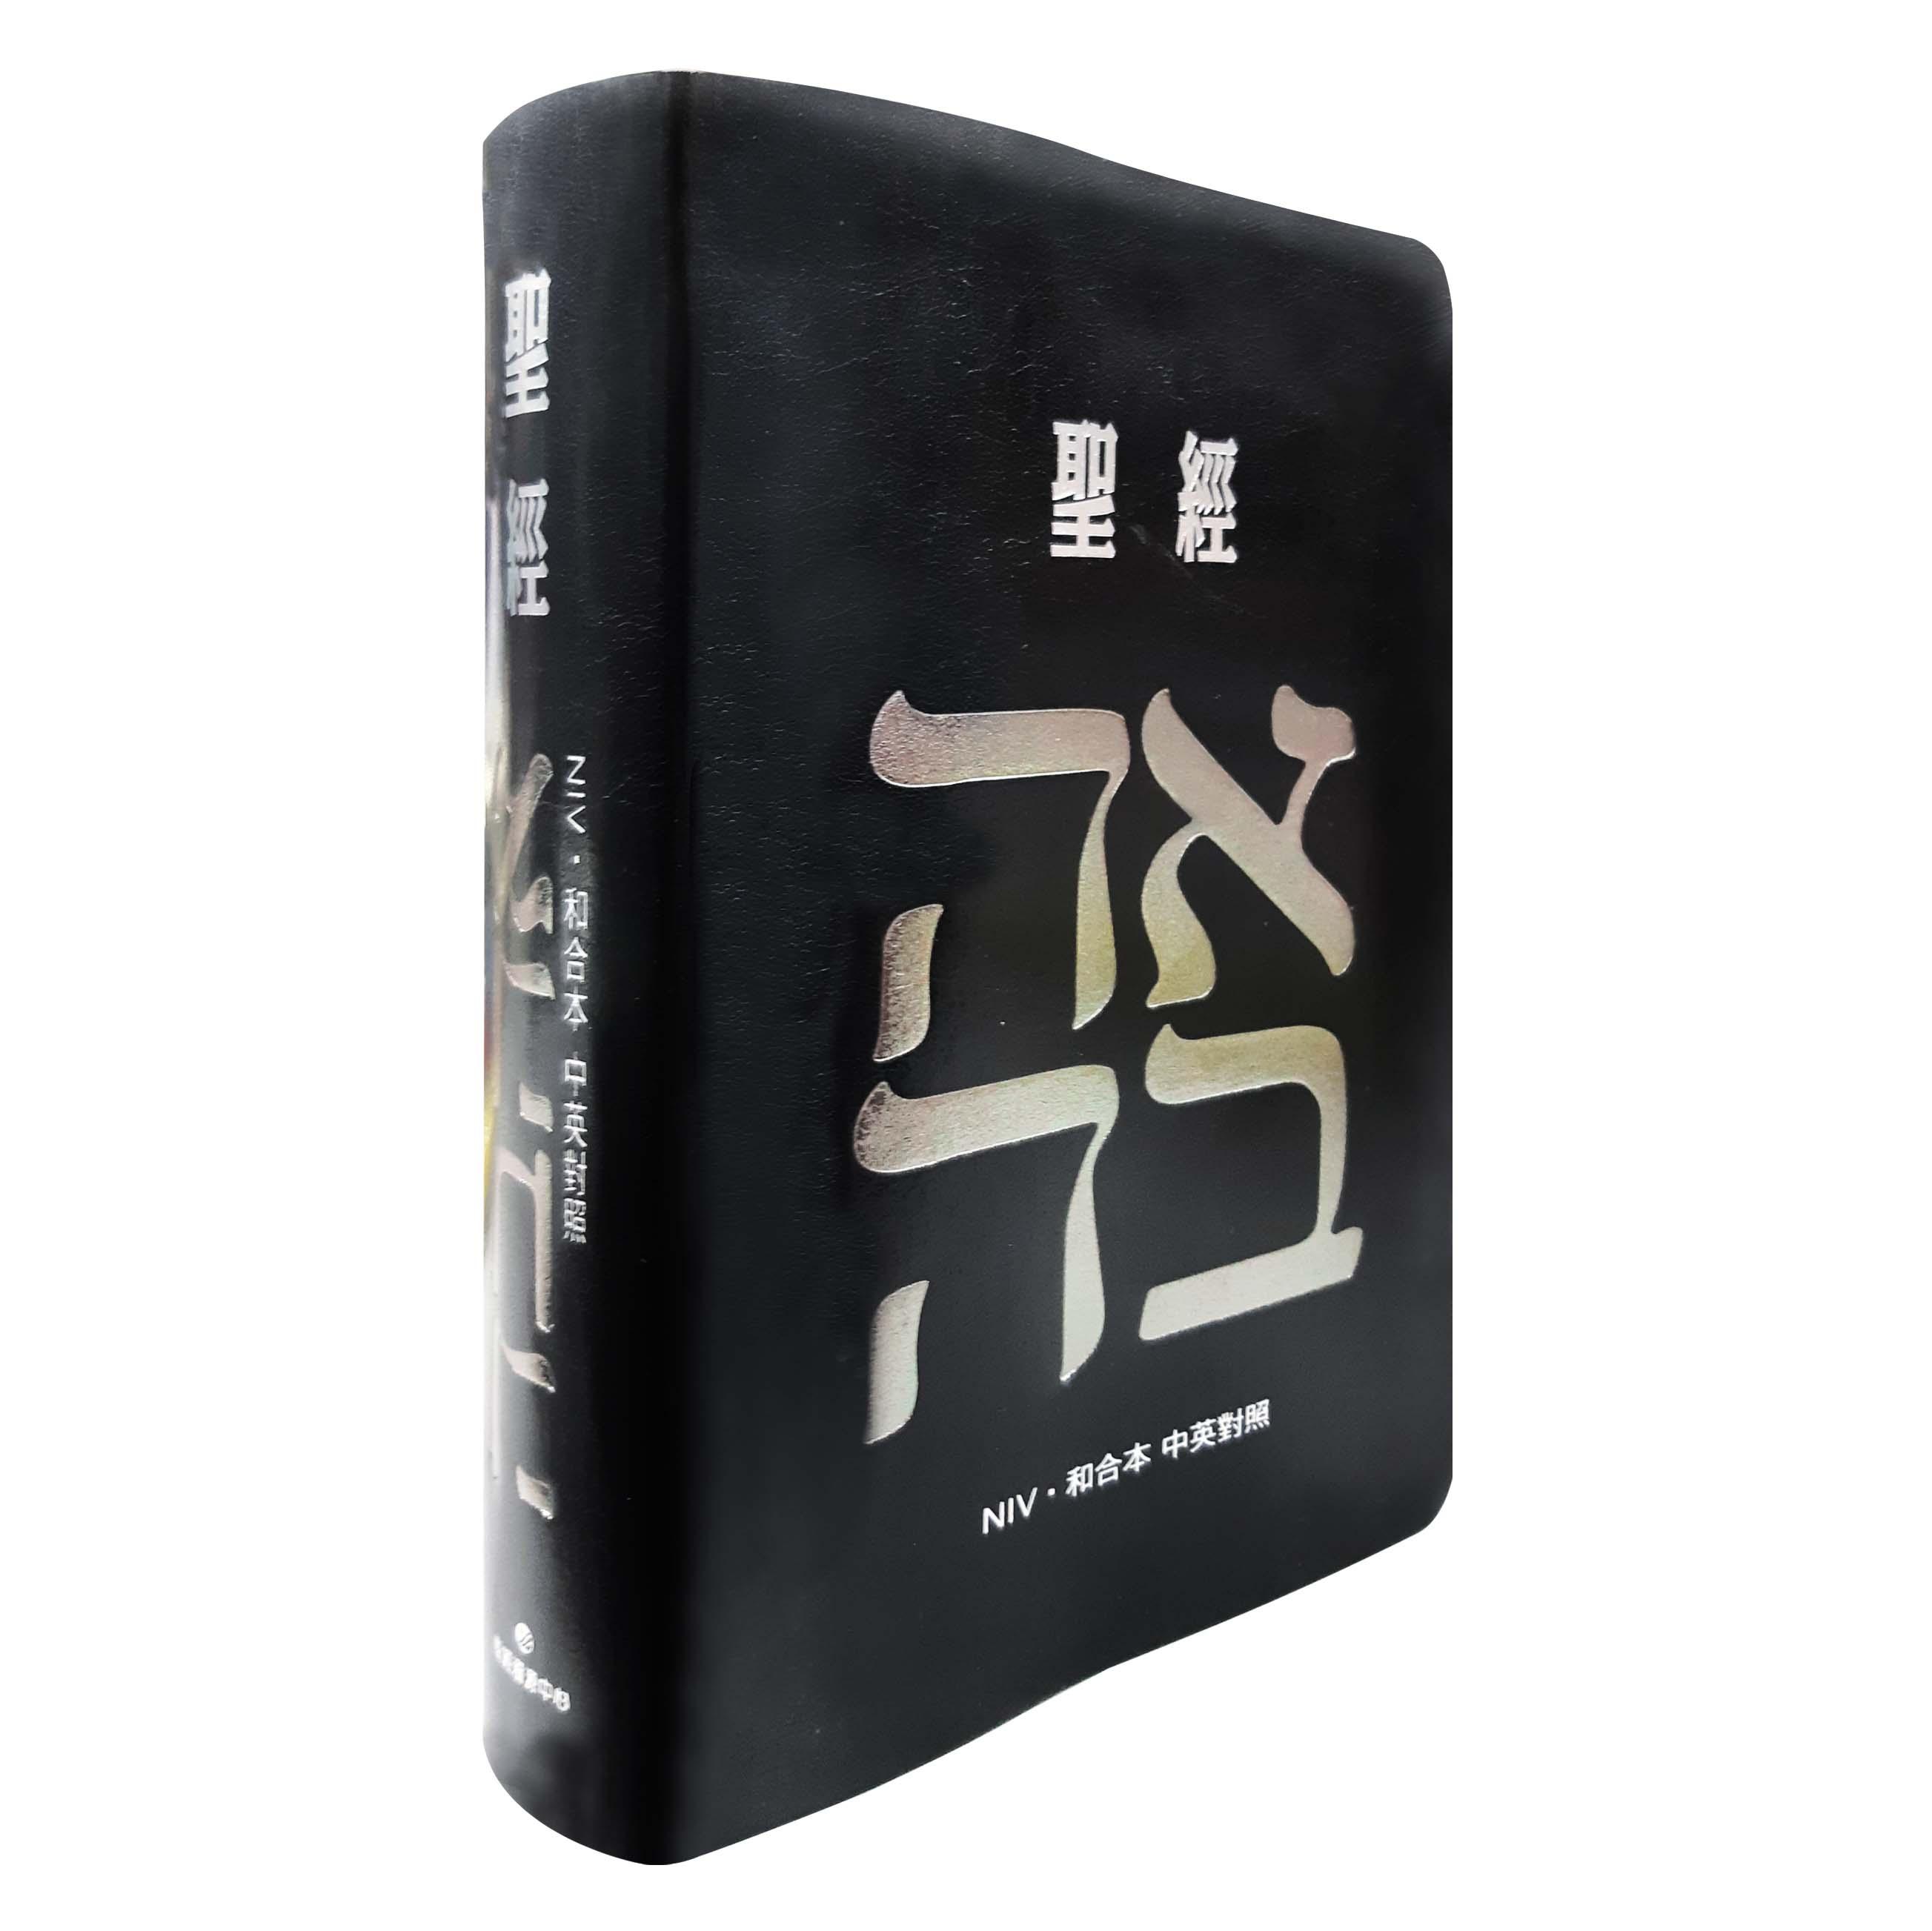 (黑)皮面索引_7系列中英聖經(NIV/和合本)